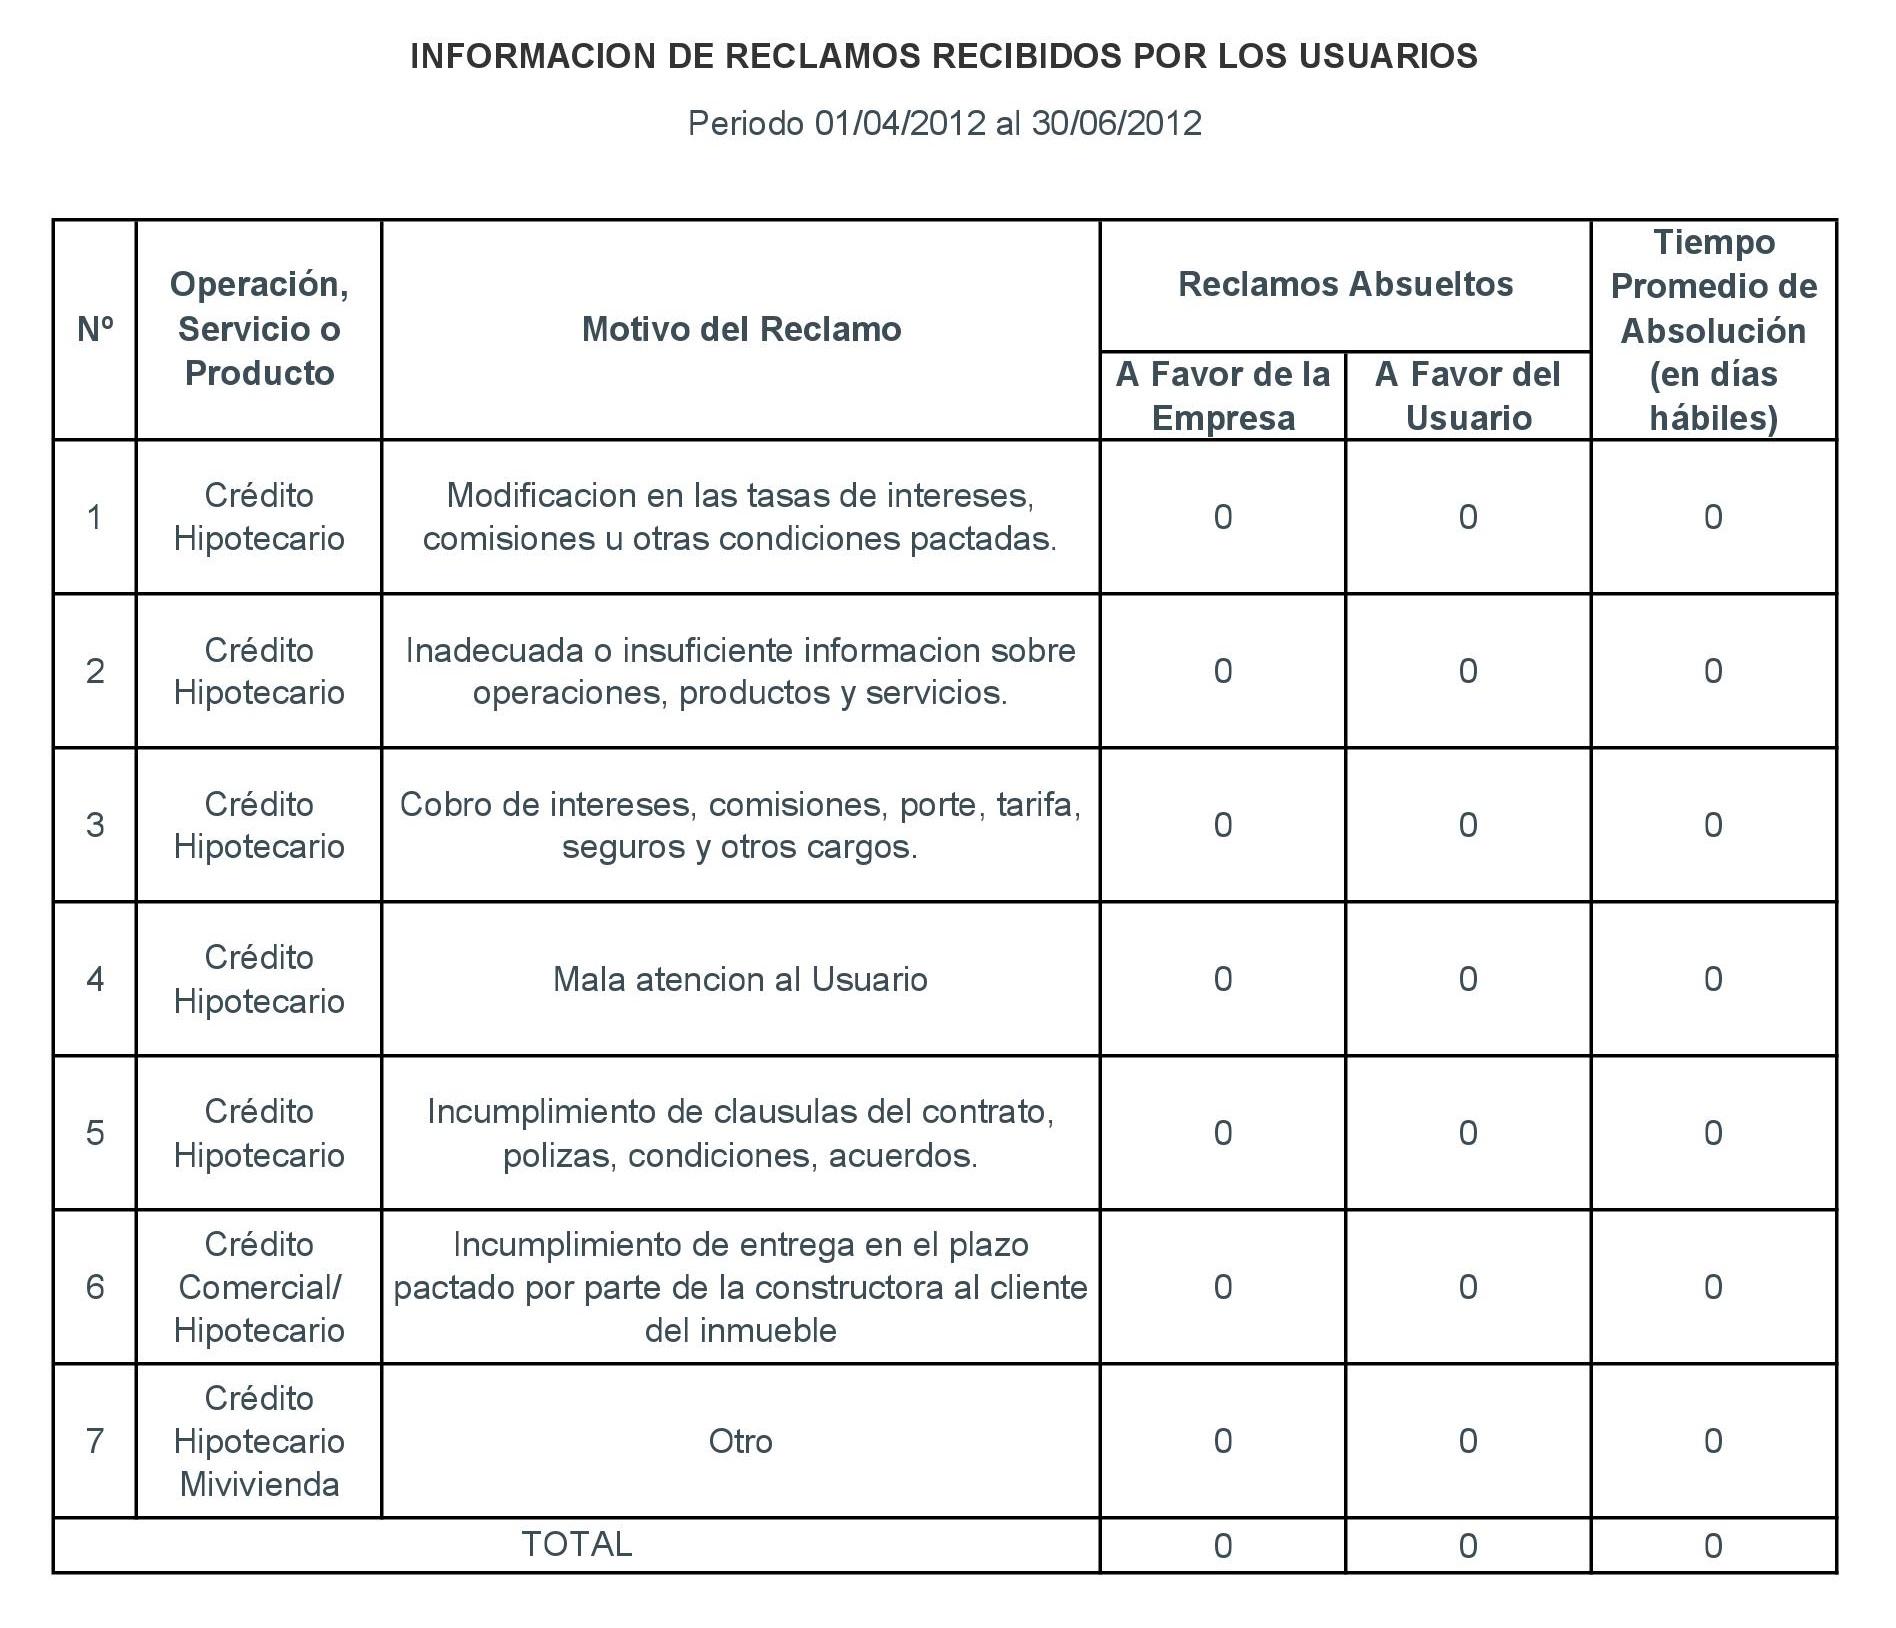 Periodo 01-04-2012 al 31-06-2012